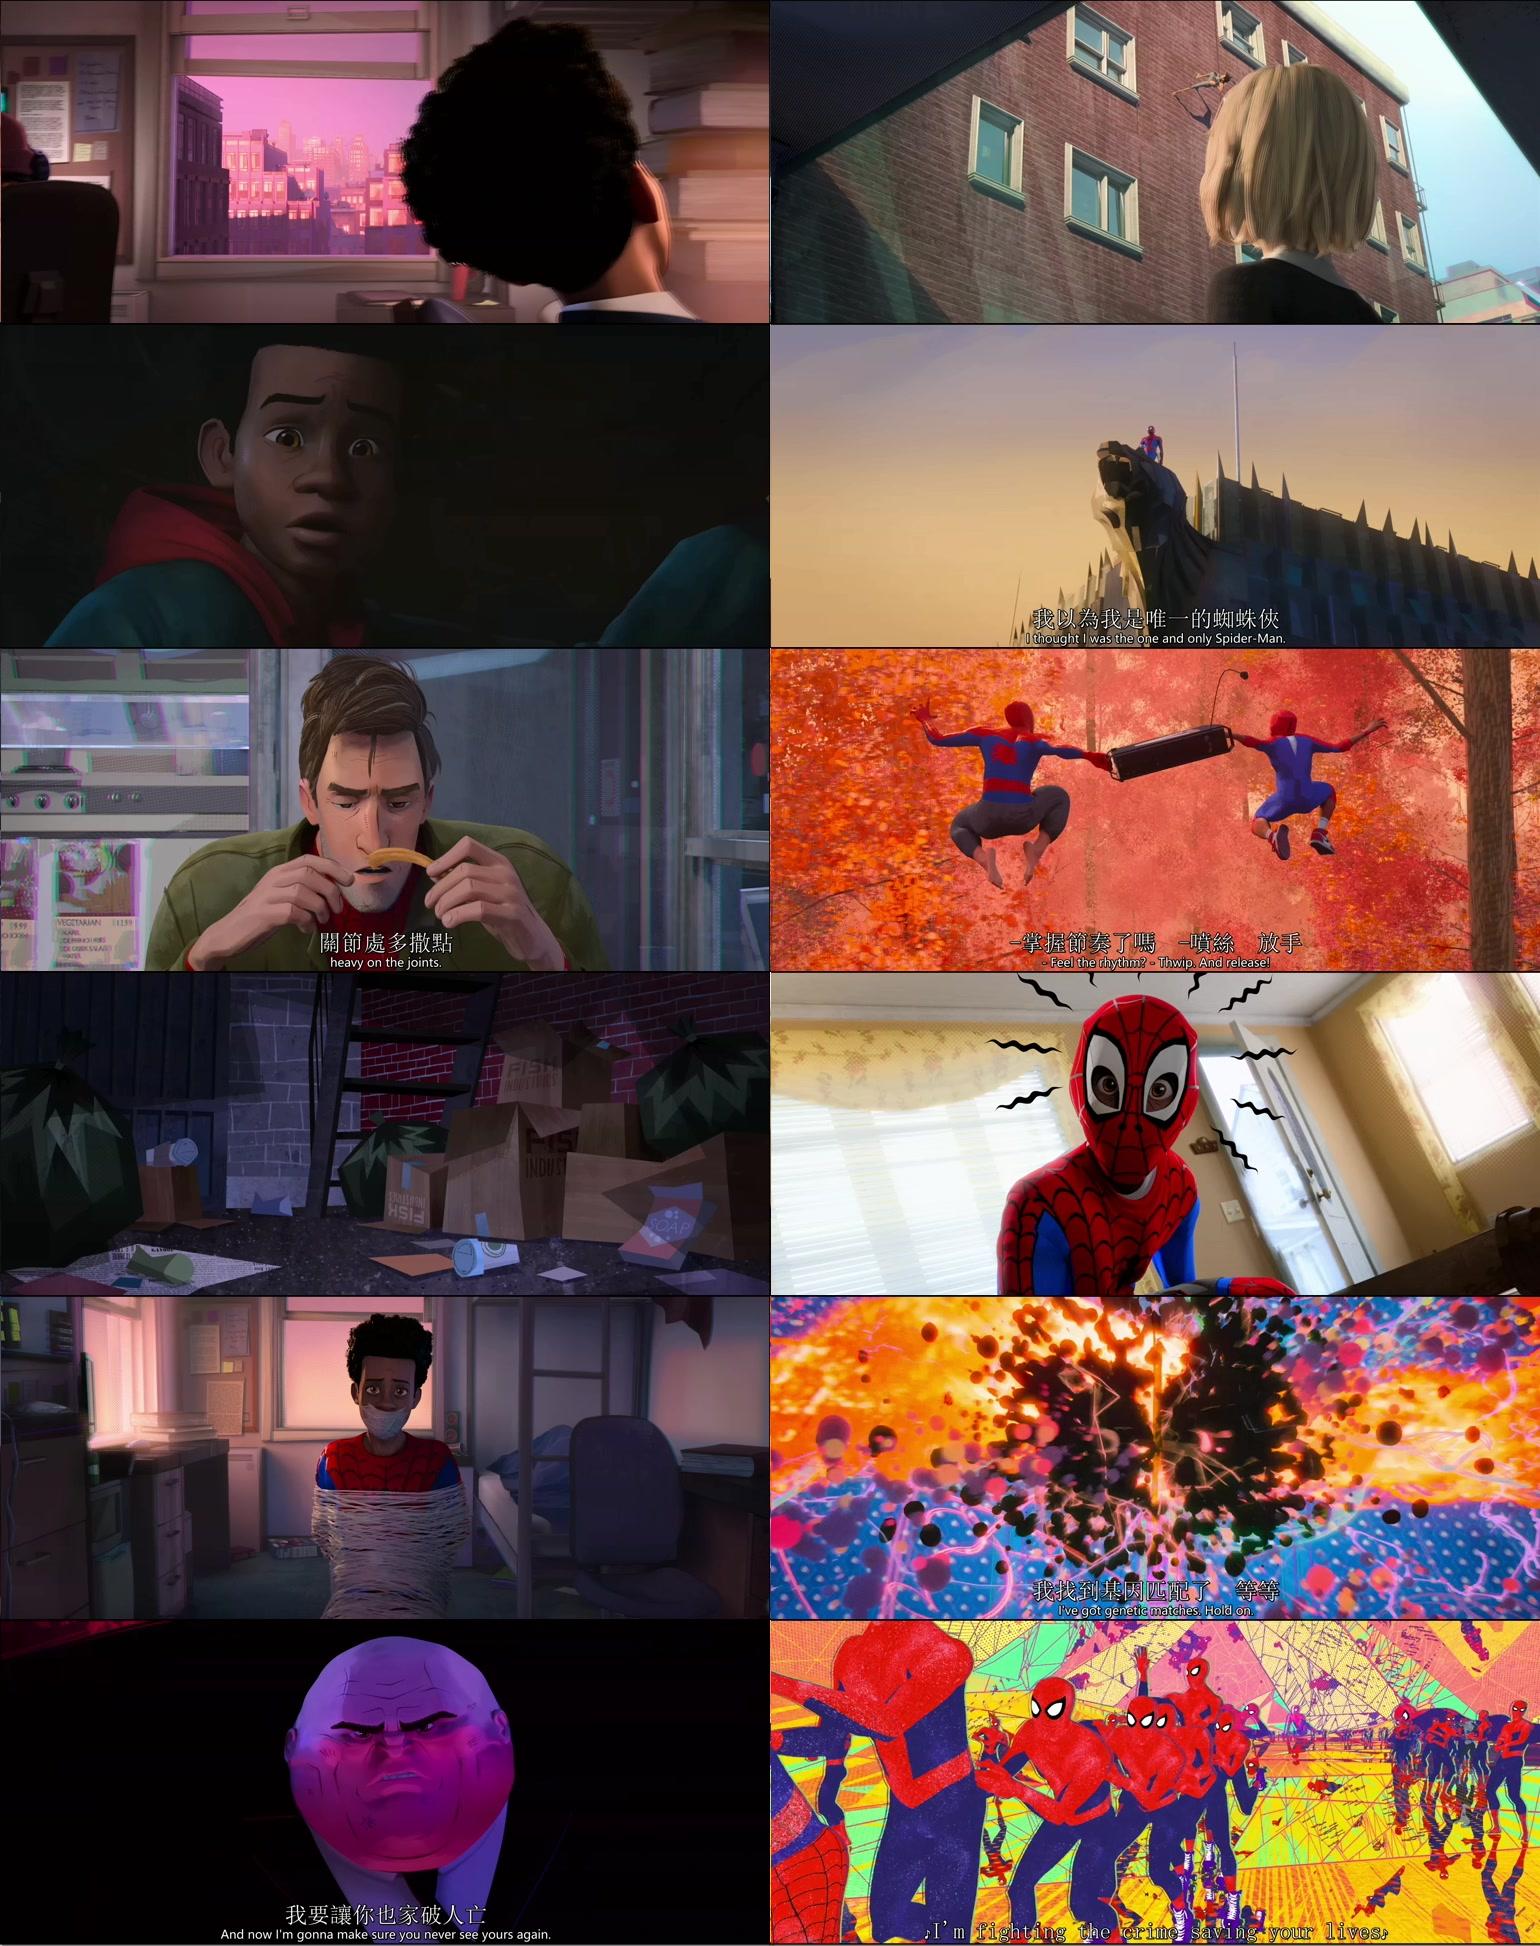 這邊是[美] 蜘蛛俠:平行宇宙/蜘蛛人:新宇宙.2018.BD-720p/1080p[MKV@2.2G@繁簡英]圖片的自定義alt信息;547051,728283,haokuku,54